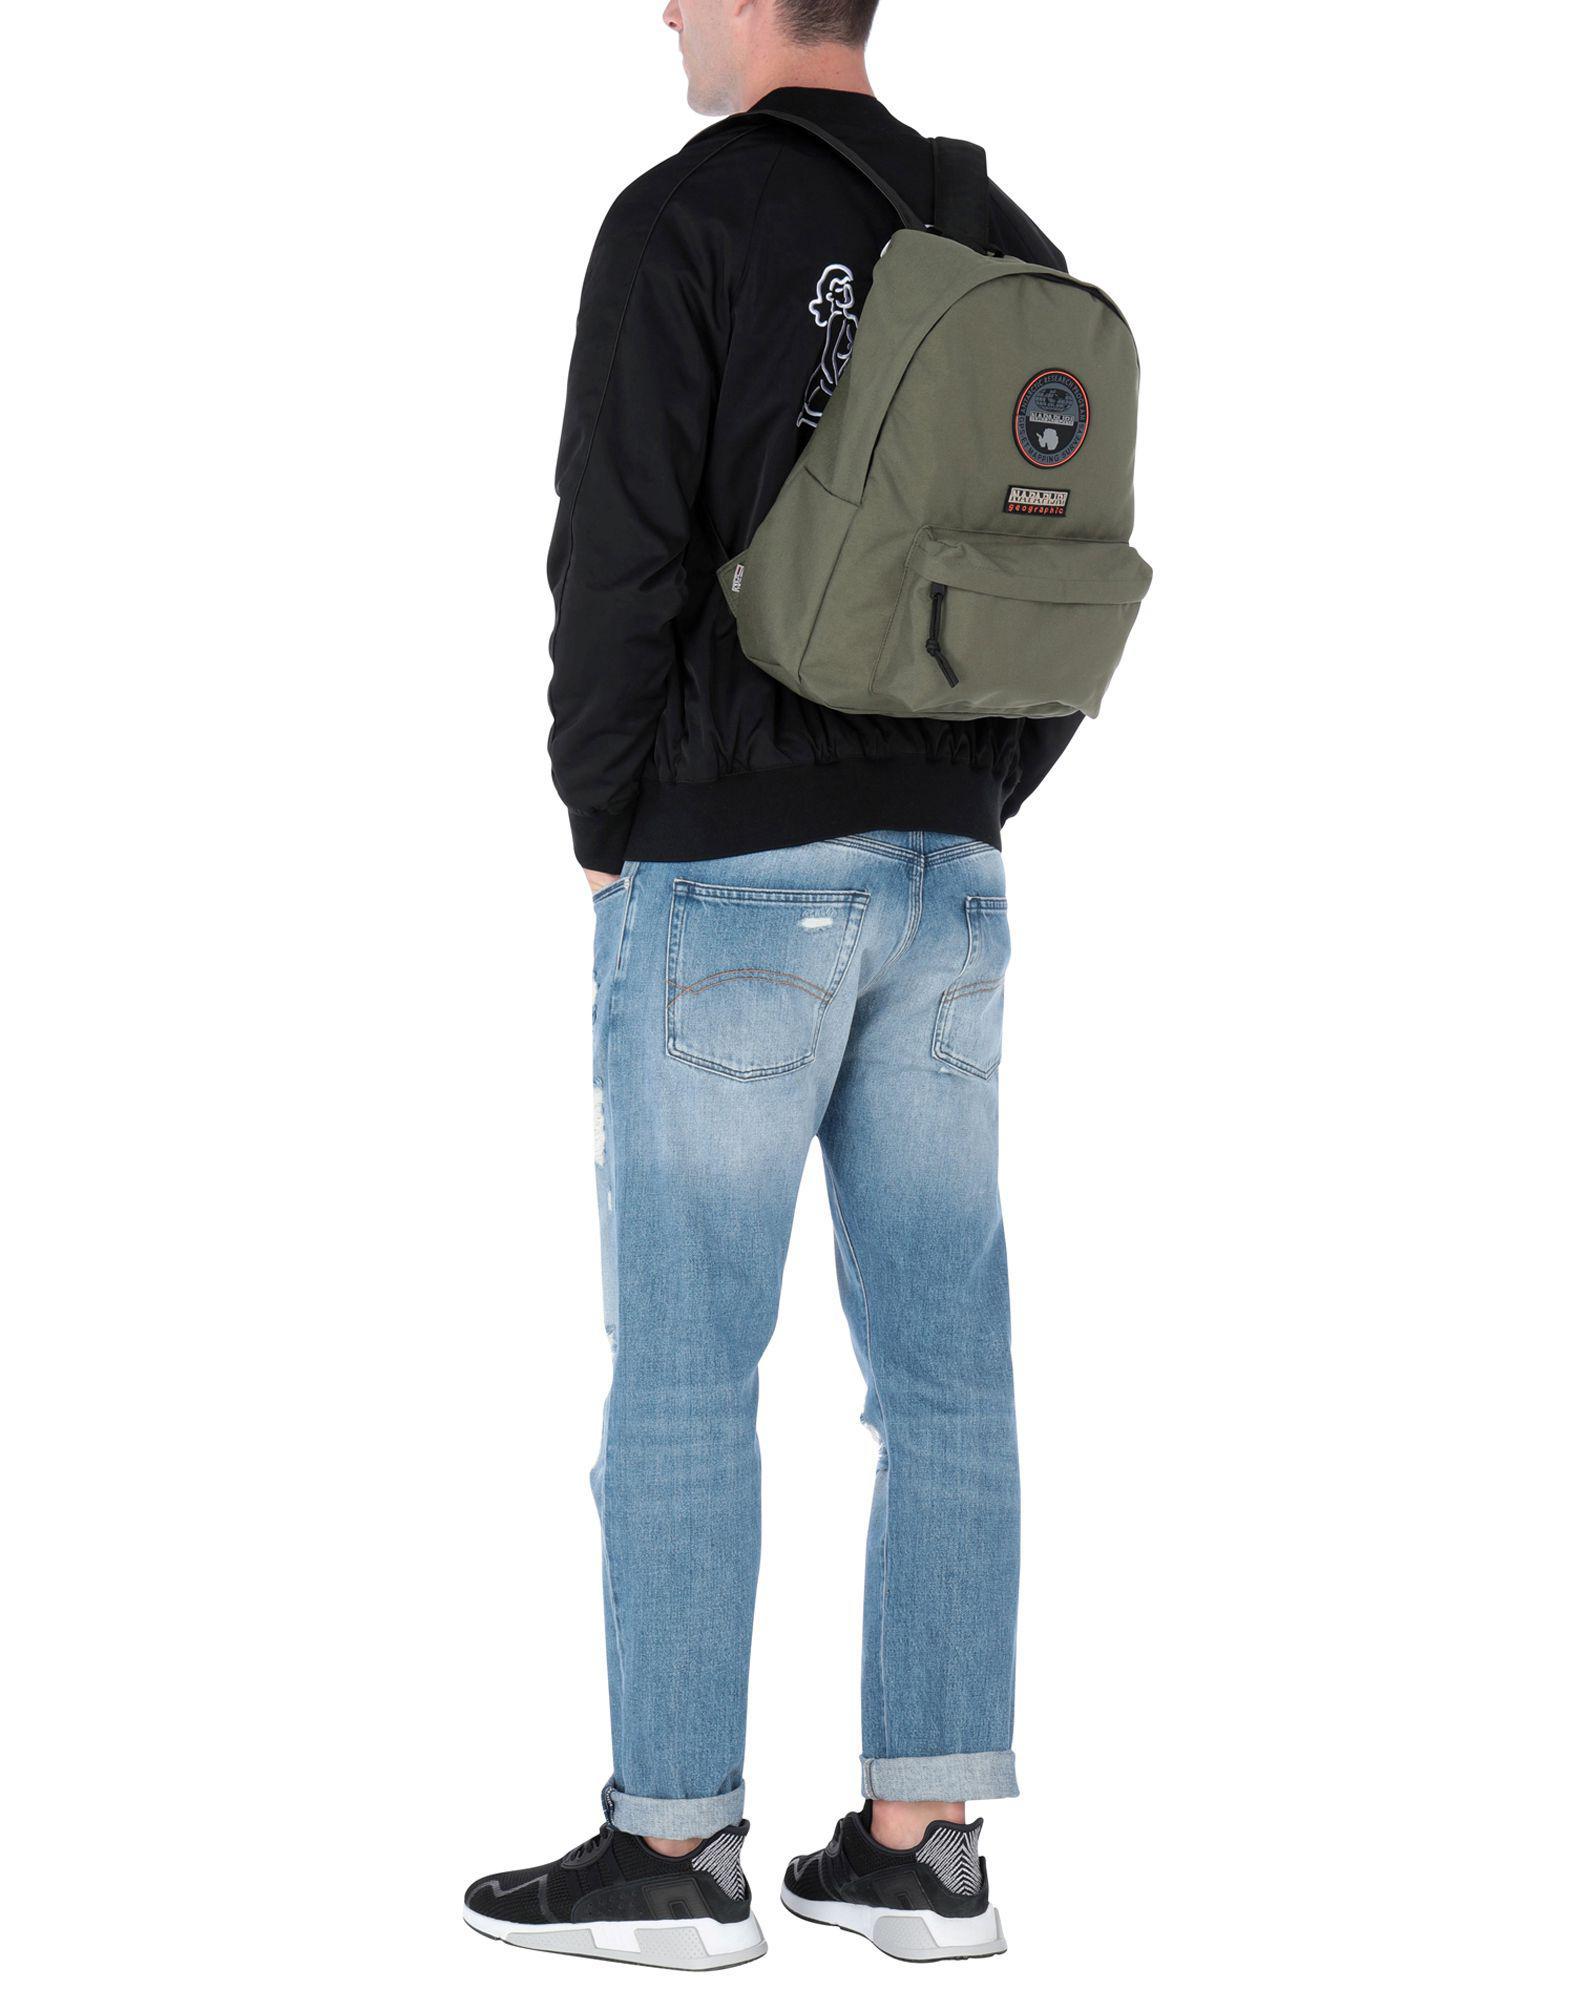 Napapijri Synthetic Backpacks & Bum Bags for Men